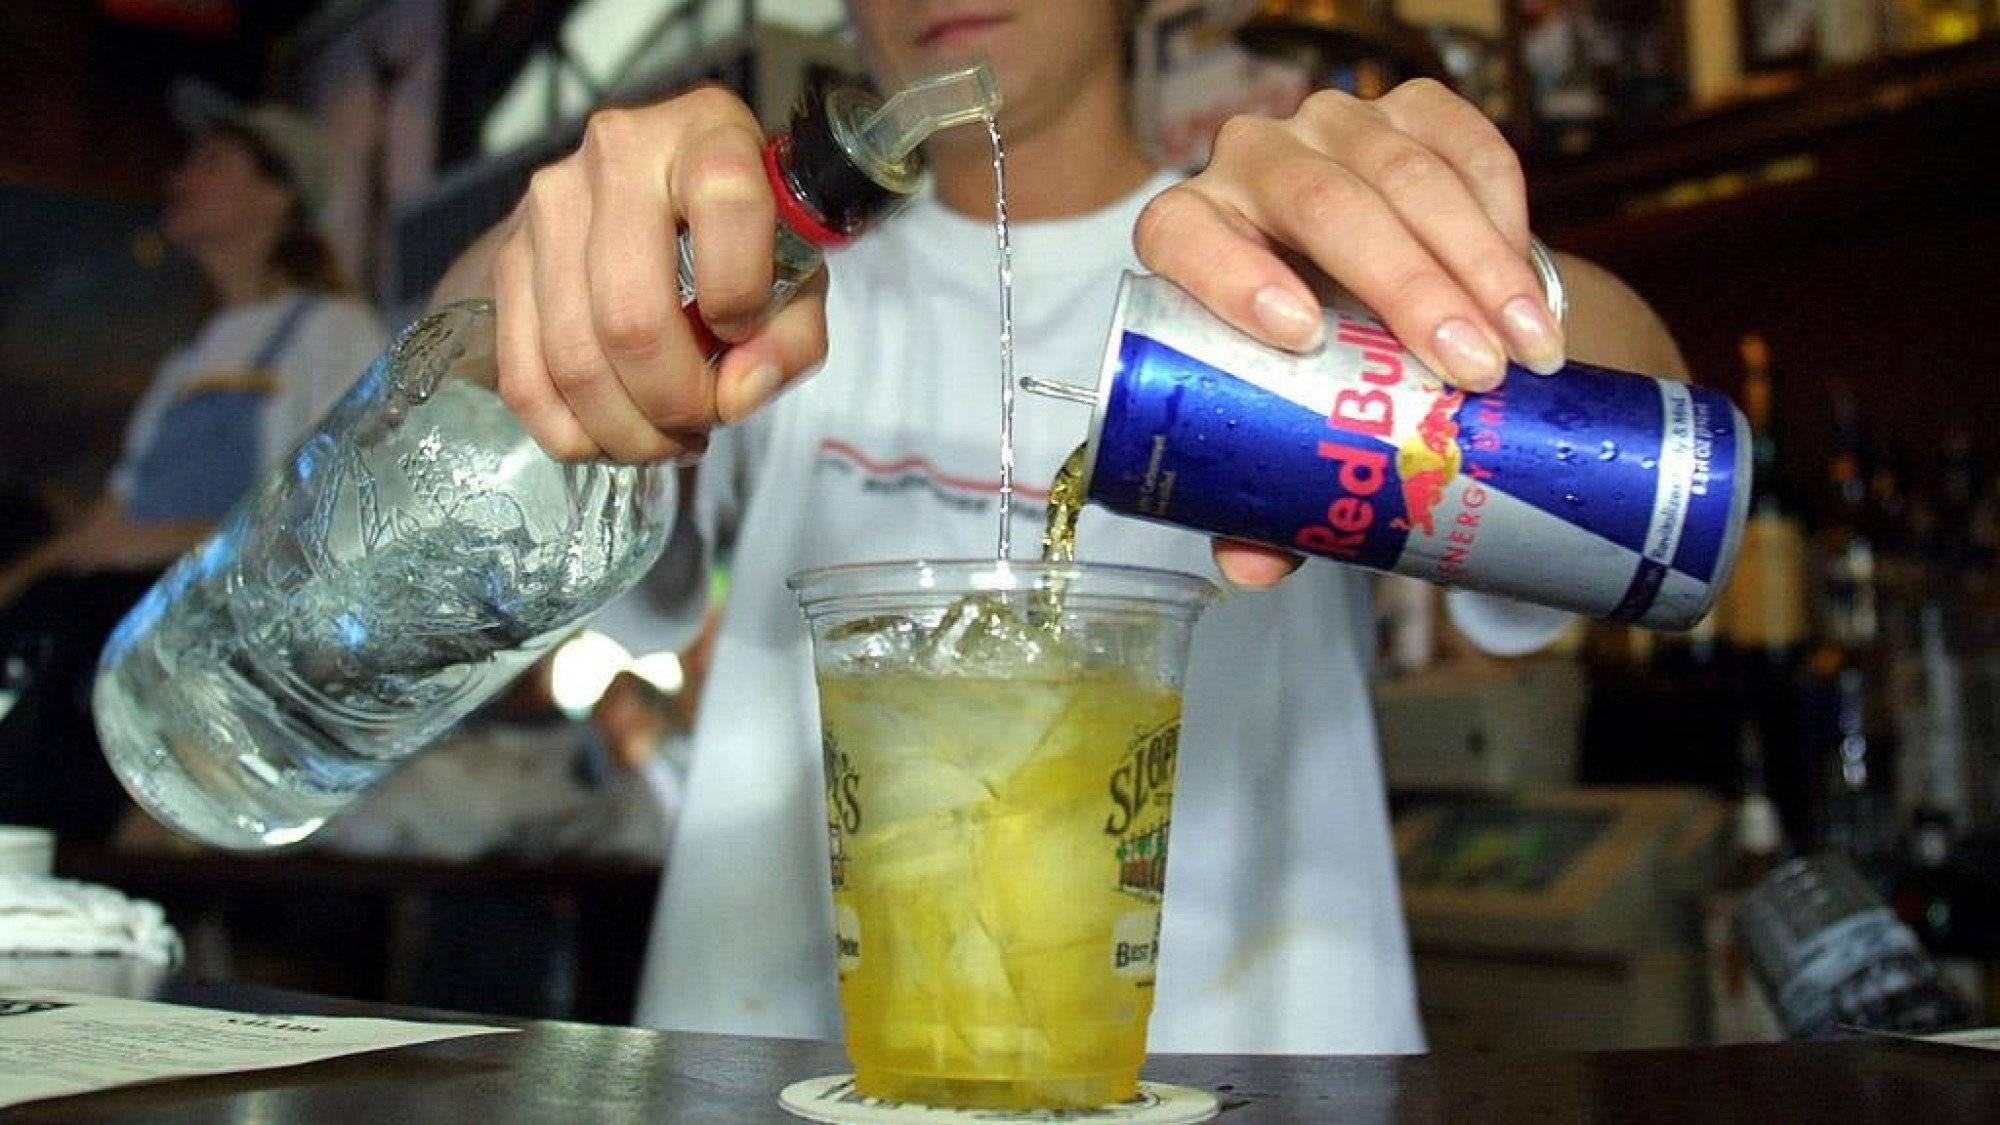 Опасный метод принятия спиртного – клизма из алкоголя